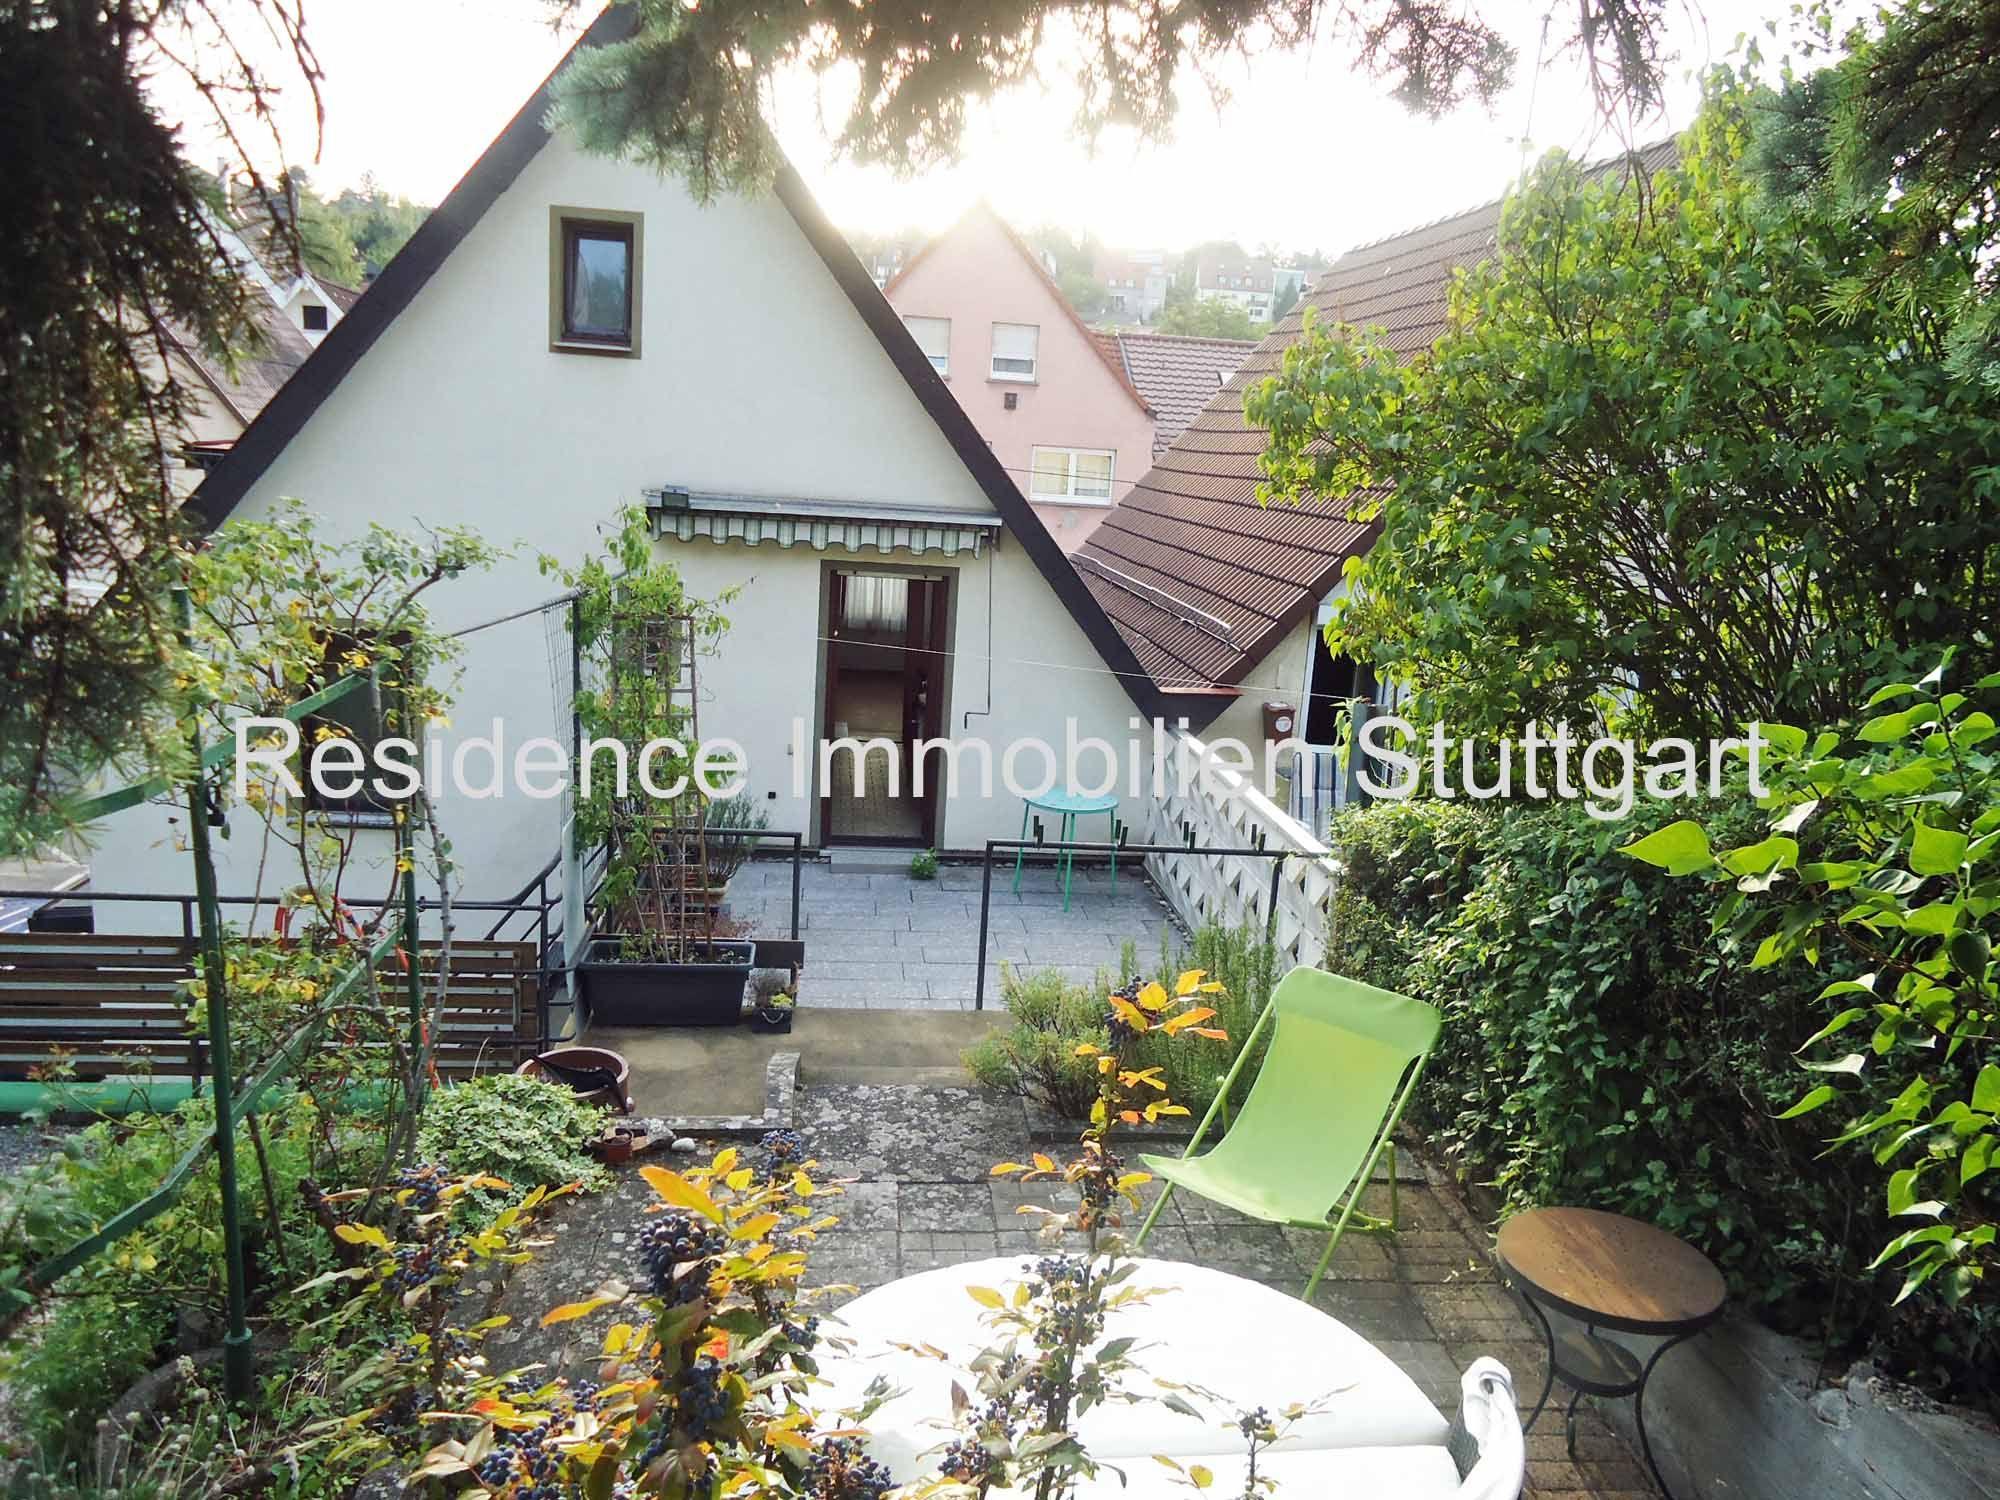 Stuttgart Ost Das Charmante Stadthaus Verfugt Uber Zwei Grosse Terrassen Und Einen Schonen Gartenbereich 3 Schlafzimmer 2 Bader Ei Immobilien Stadthaus Haus